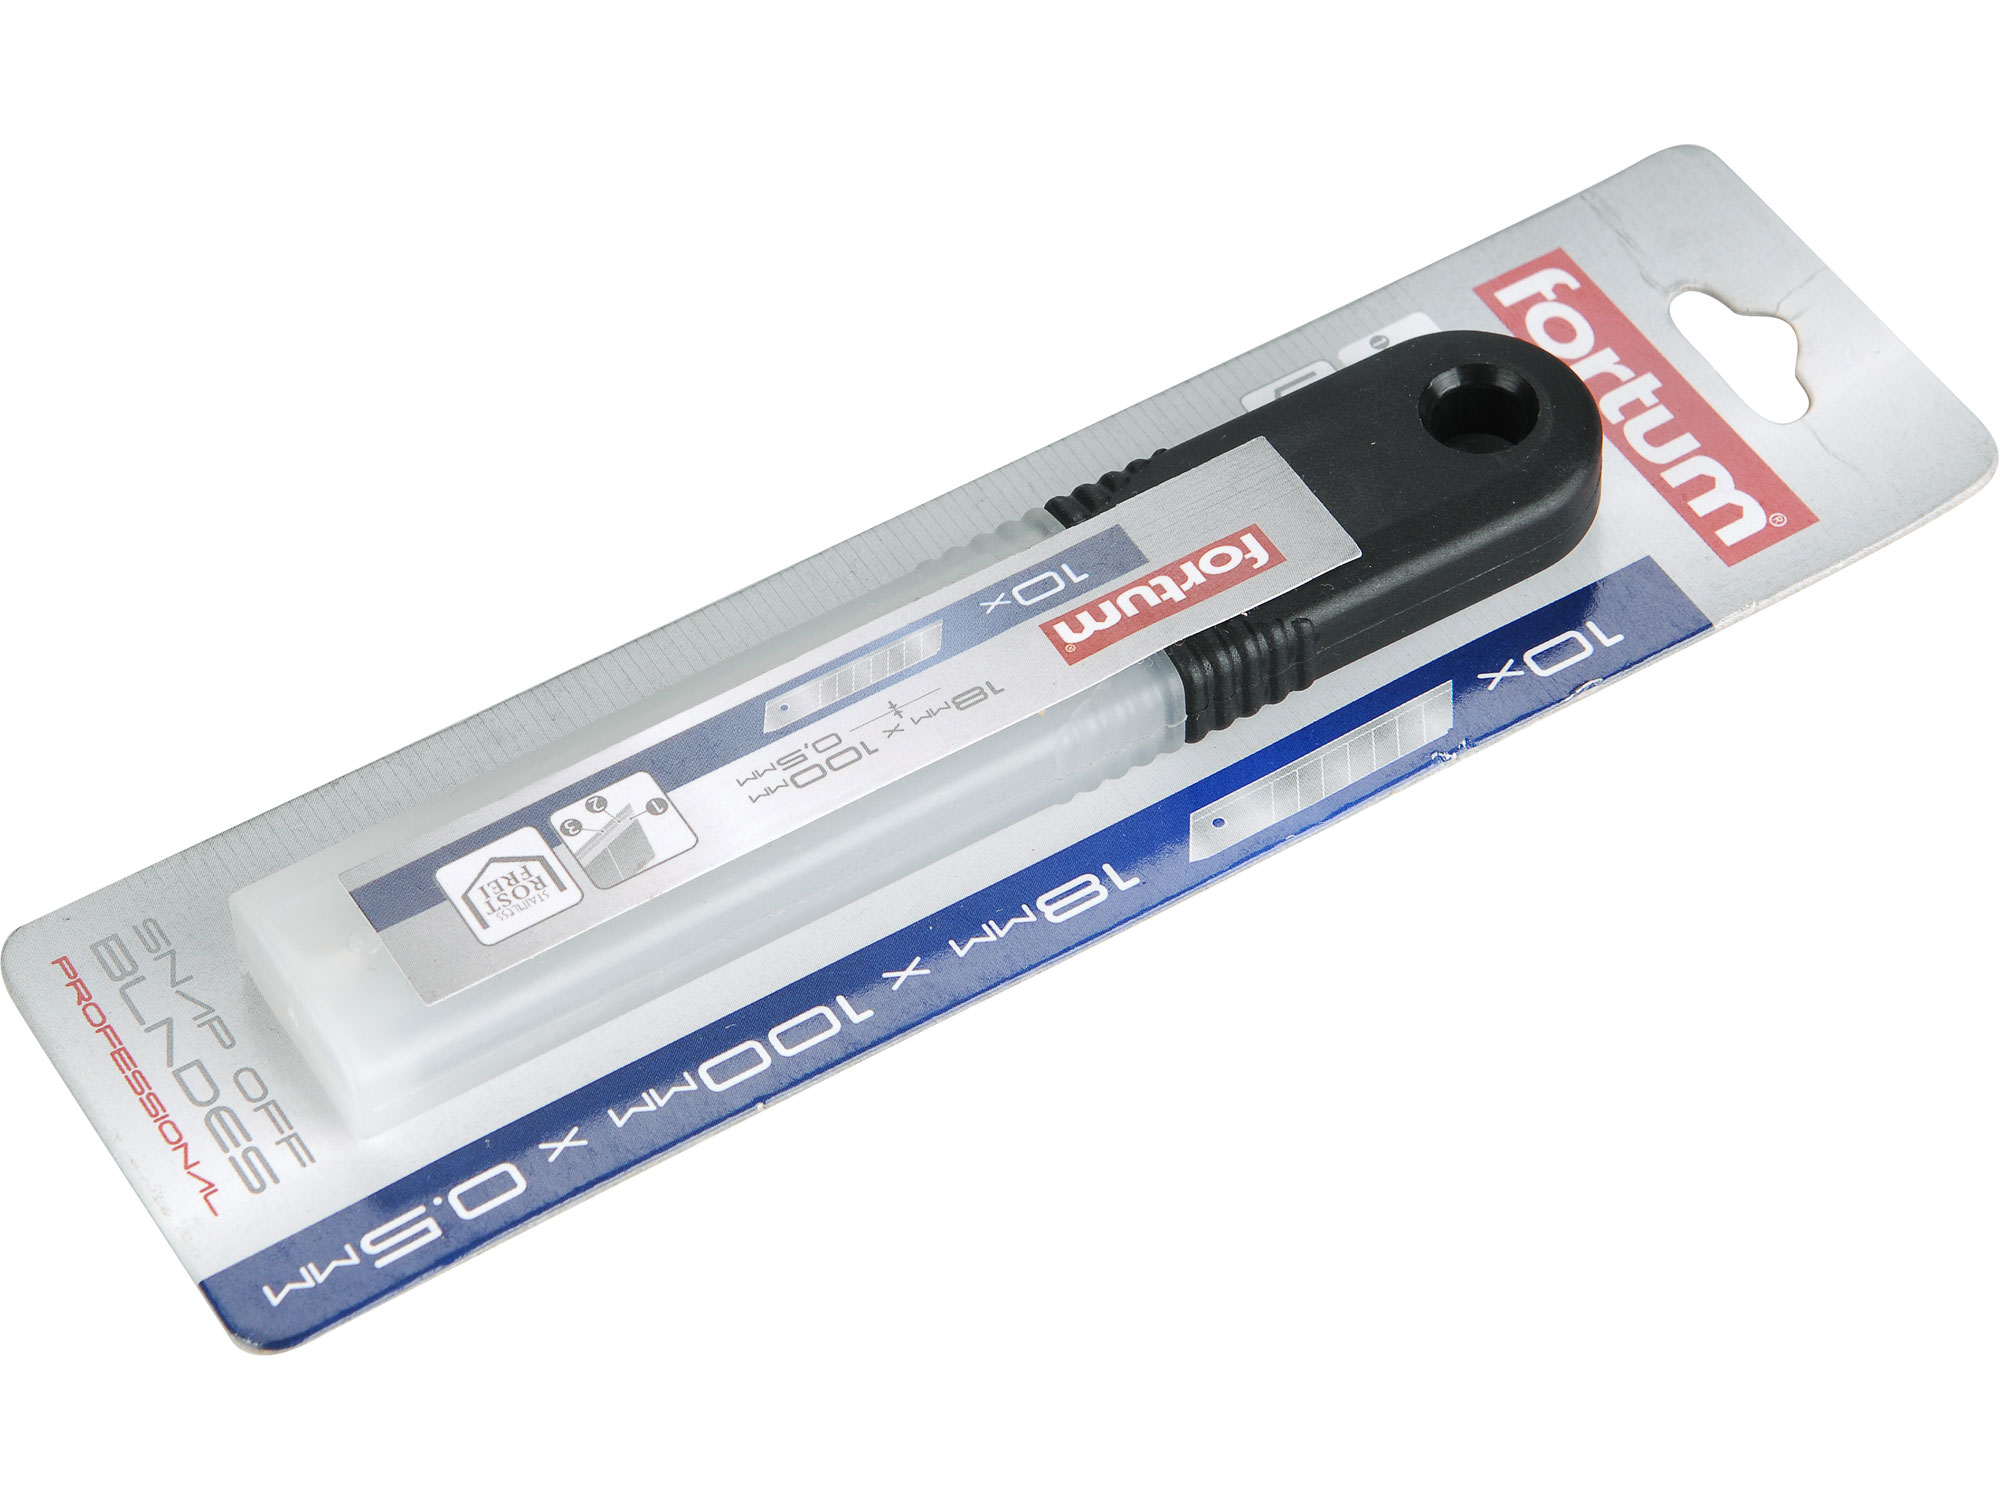 břity ulamovací do nože nerez, 18mm, 10ks